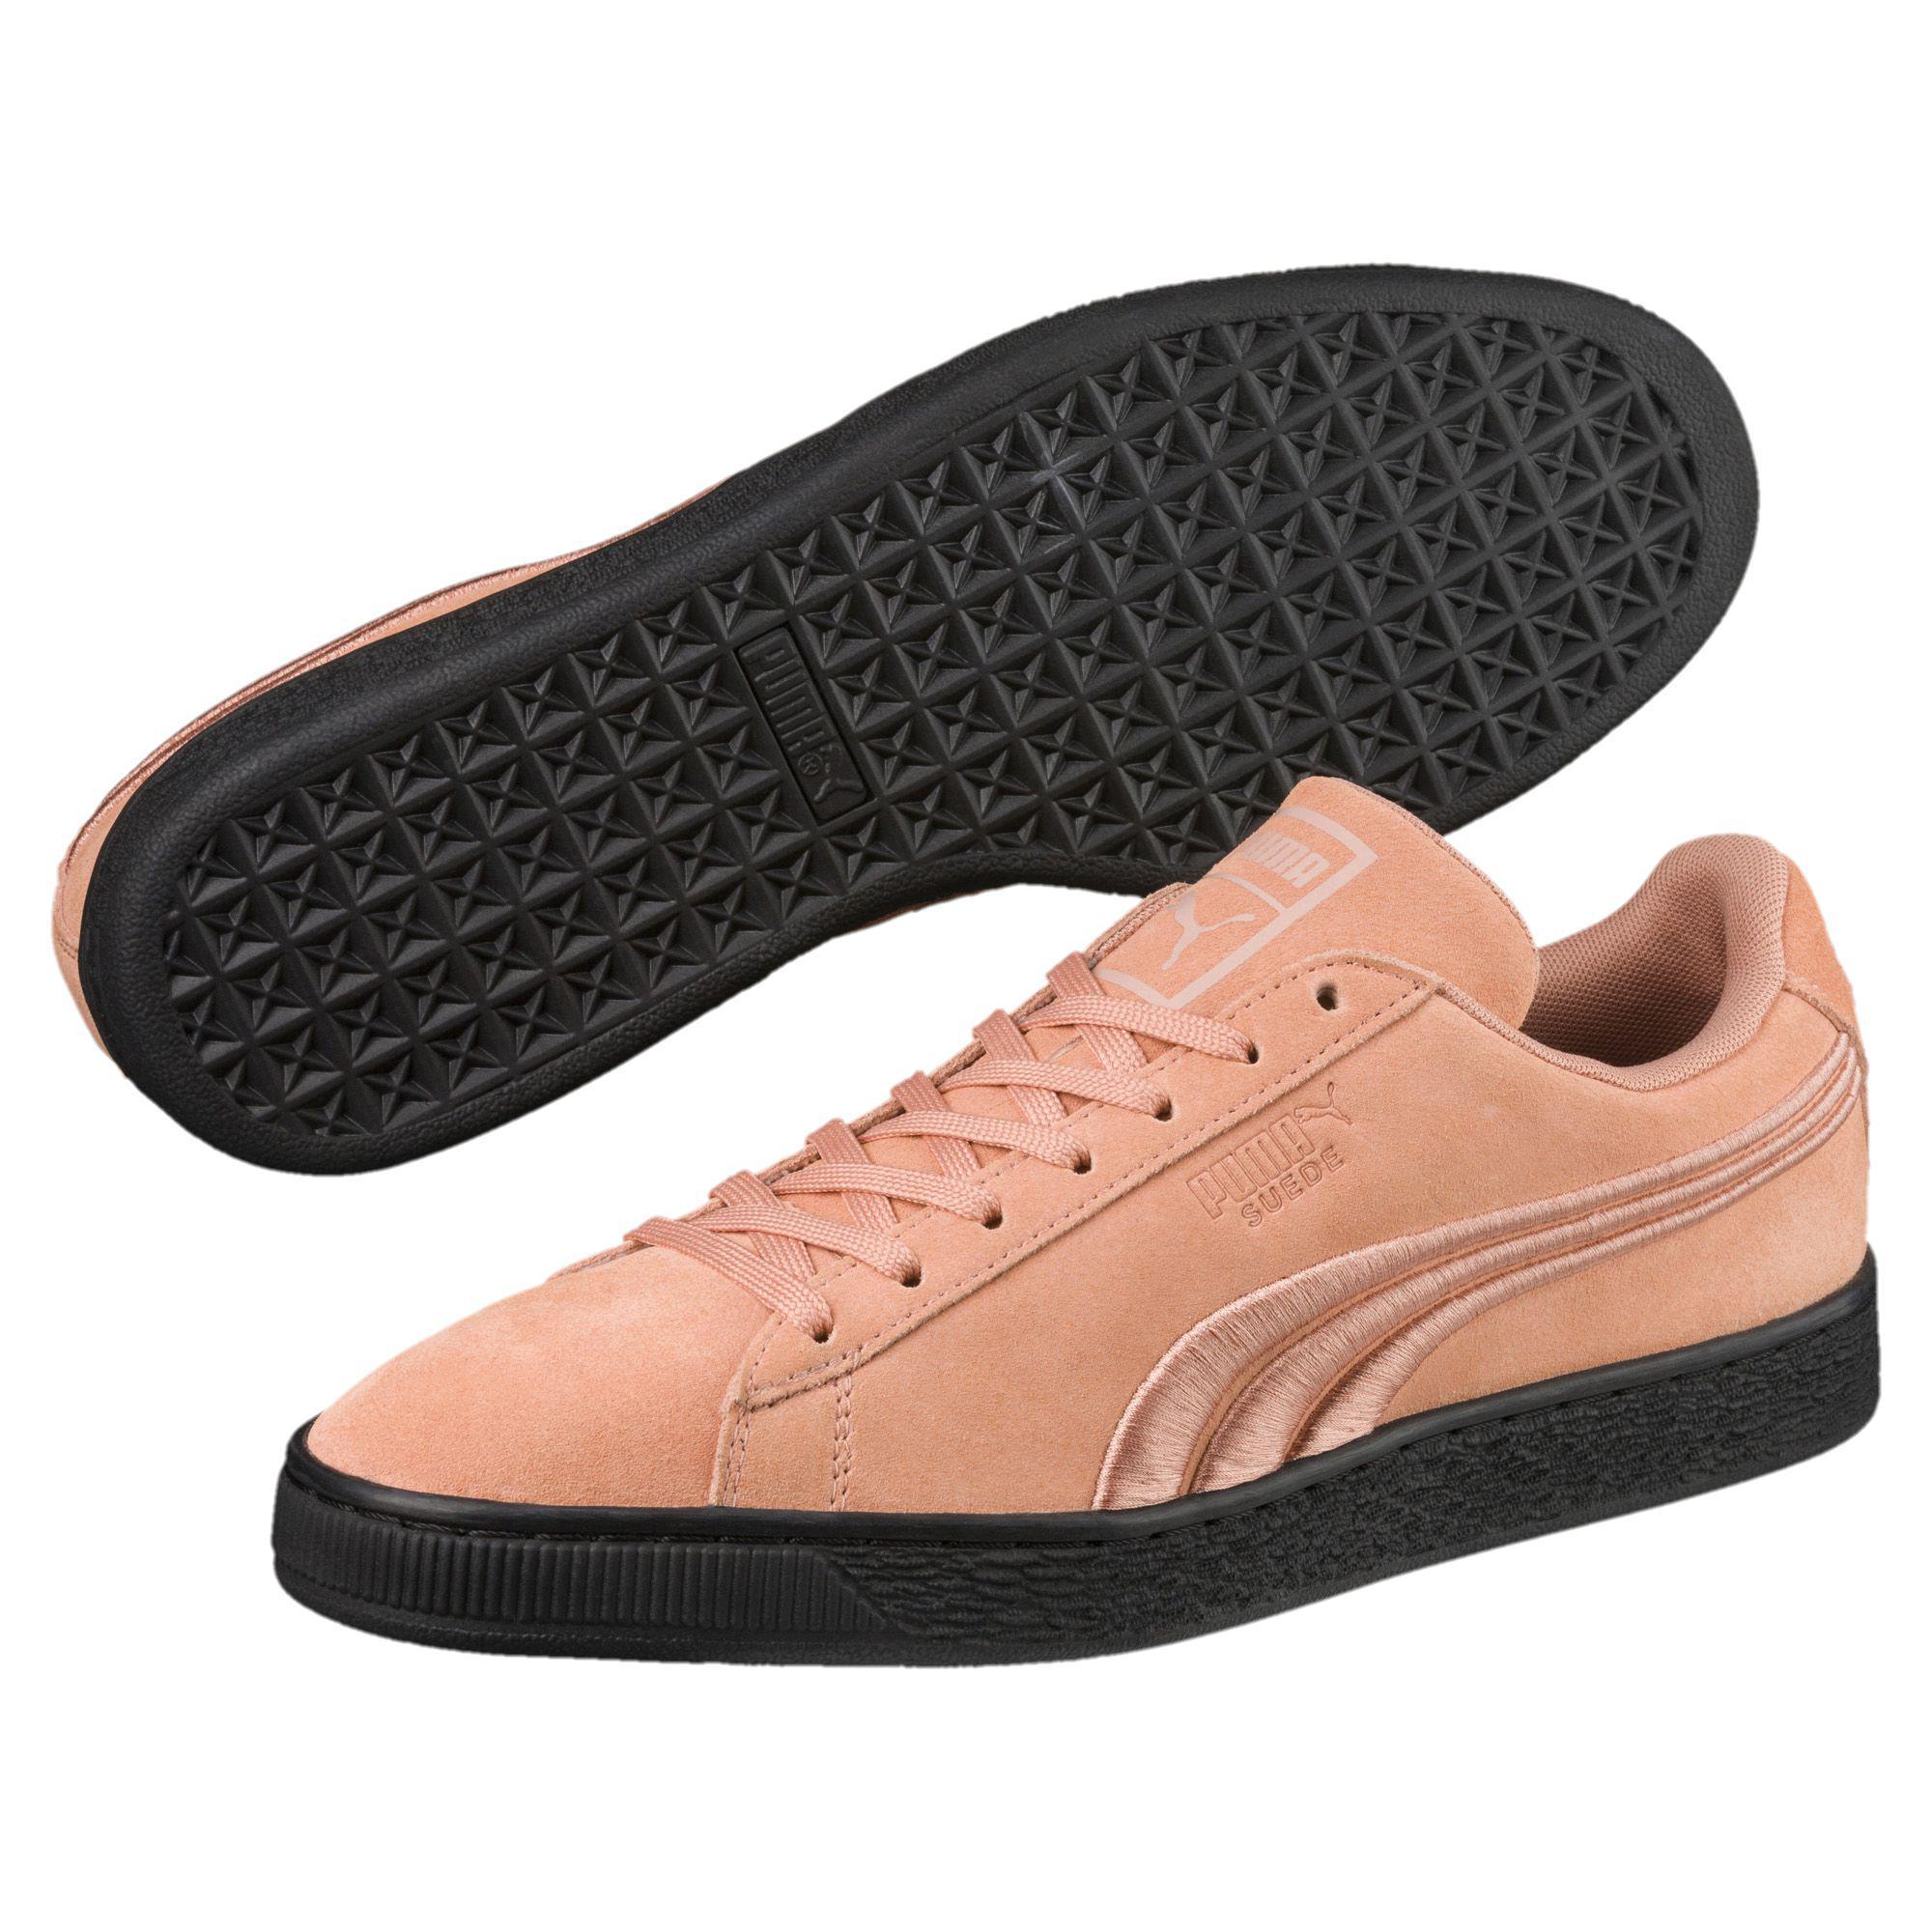 9348bd6015fa PUMA - Black Suede Classic Badge Flip Sneakers for Men - Lyst. View  fullscreen